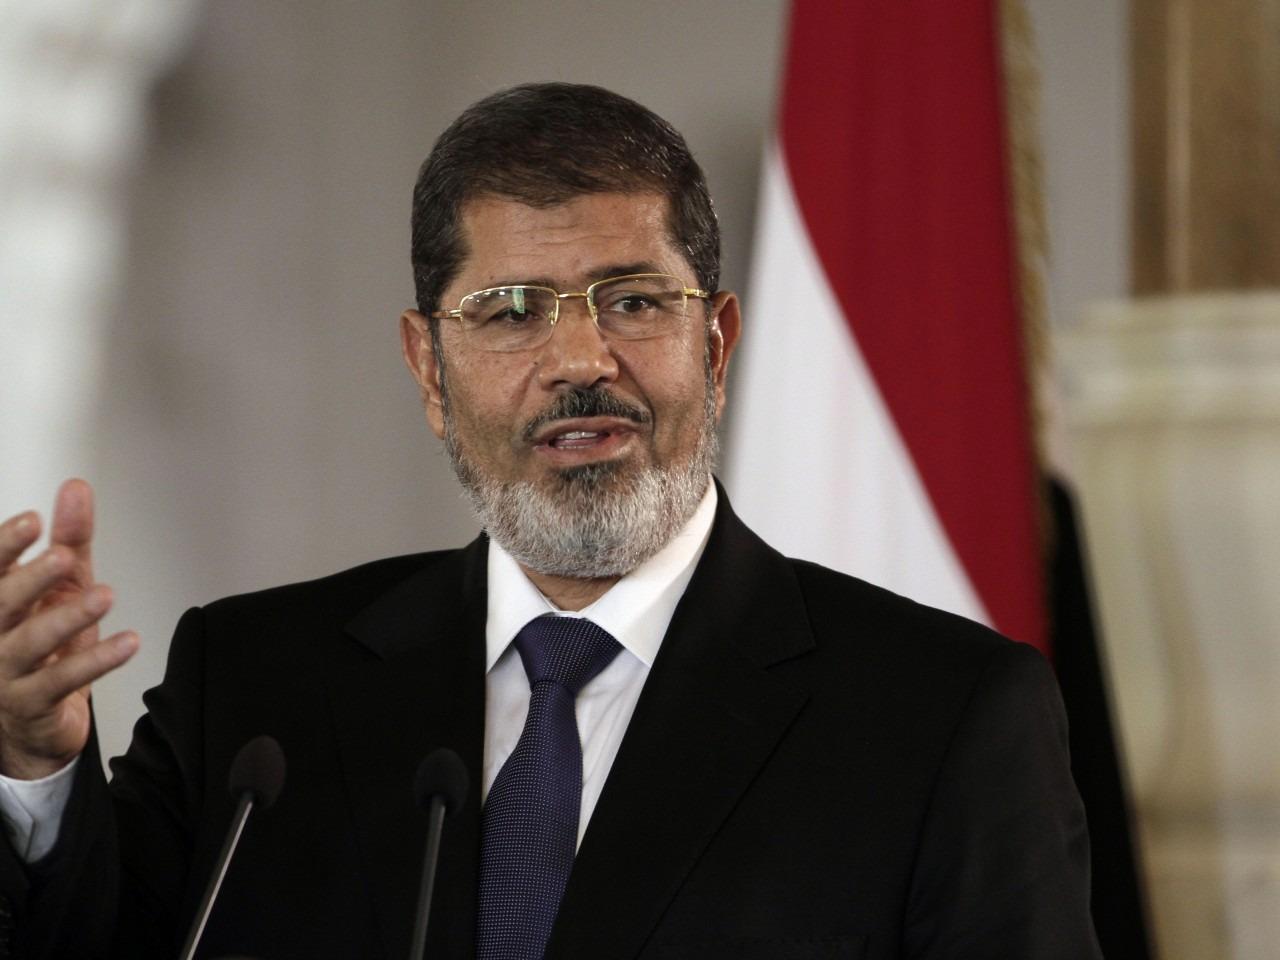 وزير داخلية مرسي يكشف كواليس نهاية الحكم.. هذا ما دار بقصر الرئاسة قبل 30 يونيو